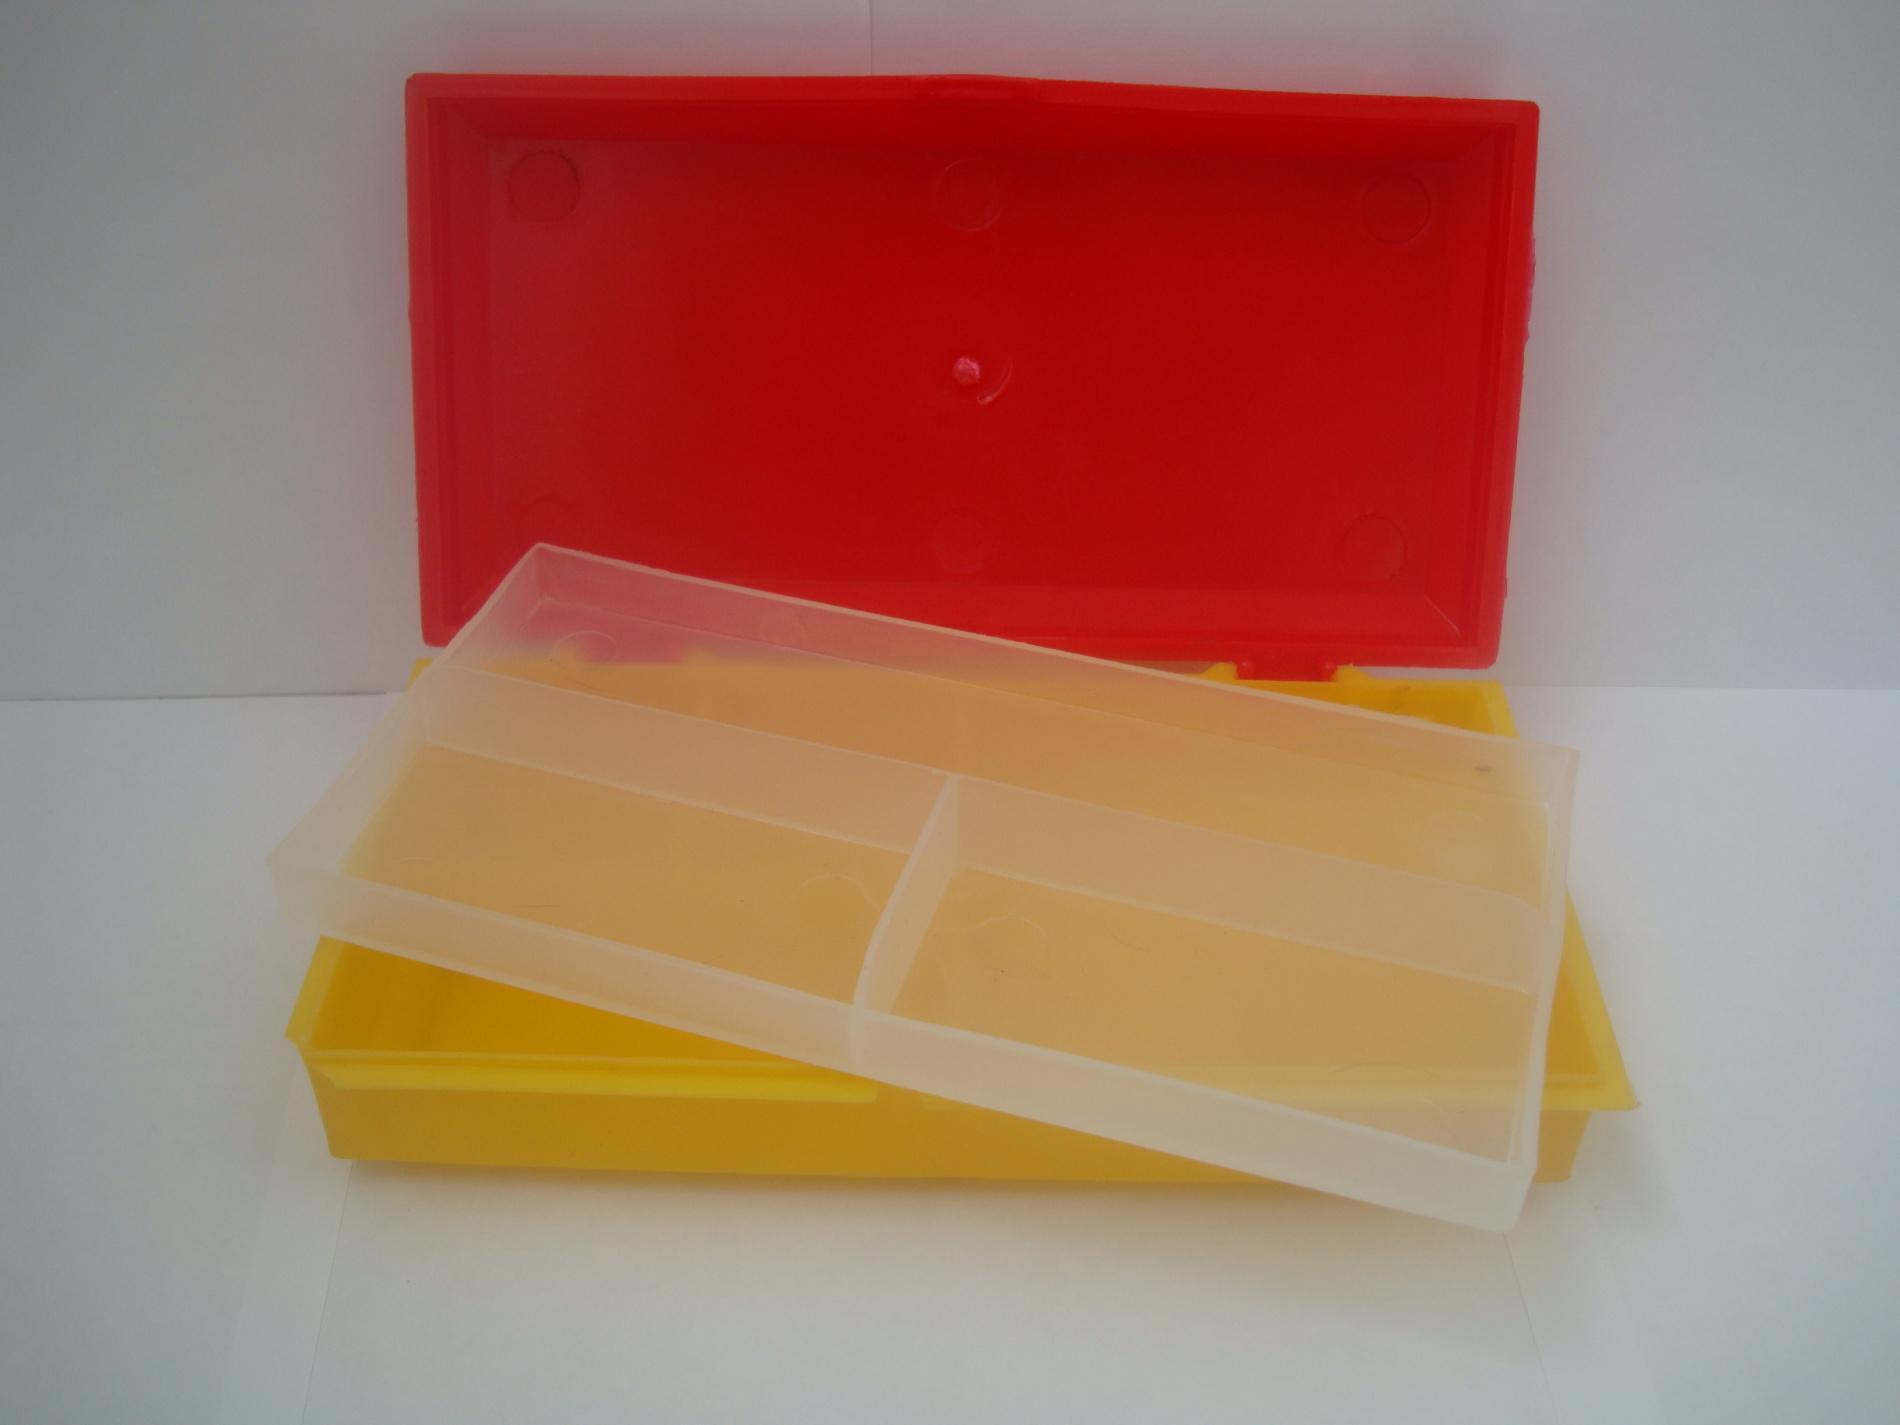 Коробка для снастей пластиковая (большая) Коробки для приманок<br>Коробка для снастей пластиковая для рыболовных <br>мелочей. Имеет второю съемную полку.<br>